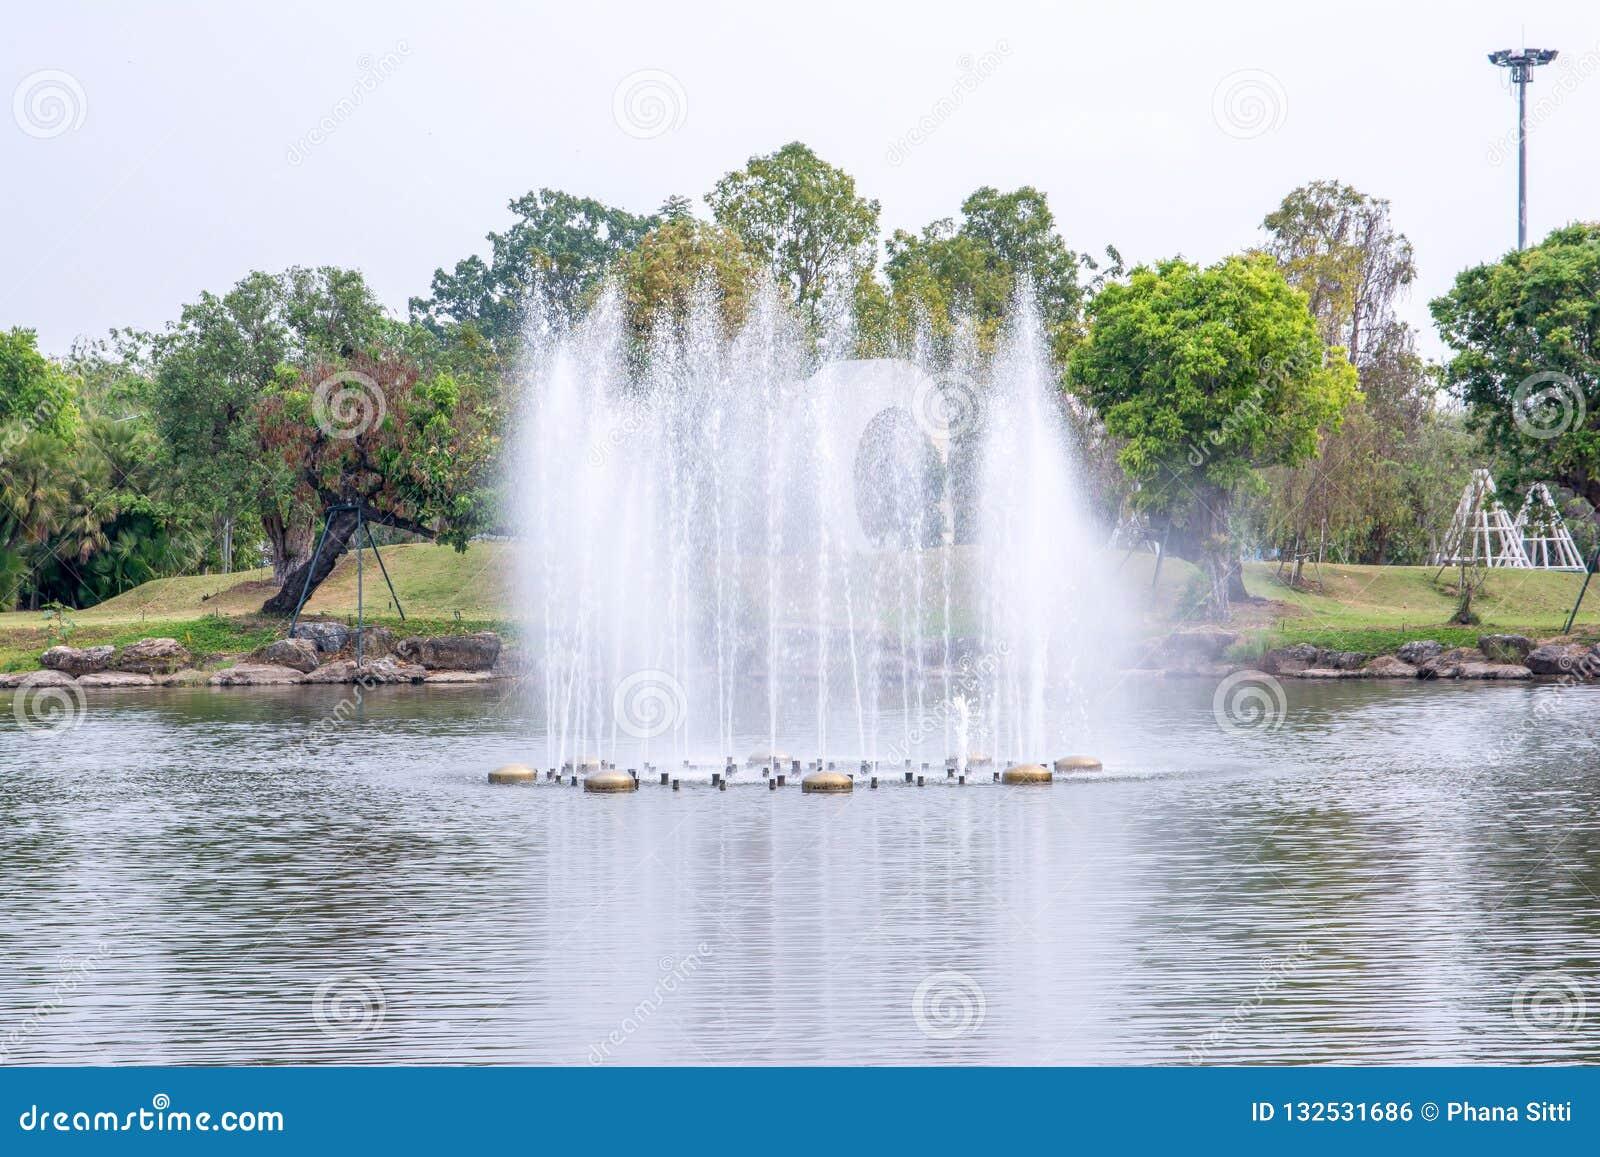 Πηγή λιμνών στο βασιλικό κήπο Chiangmai, Ταϊλάνδη χλωρίδας